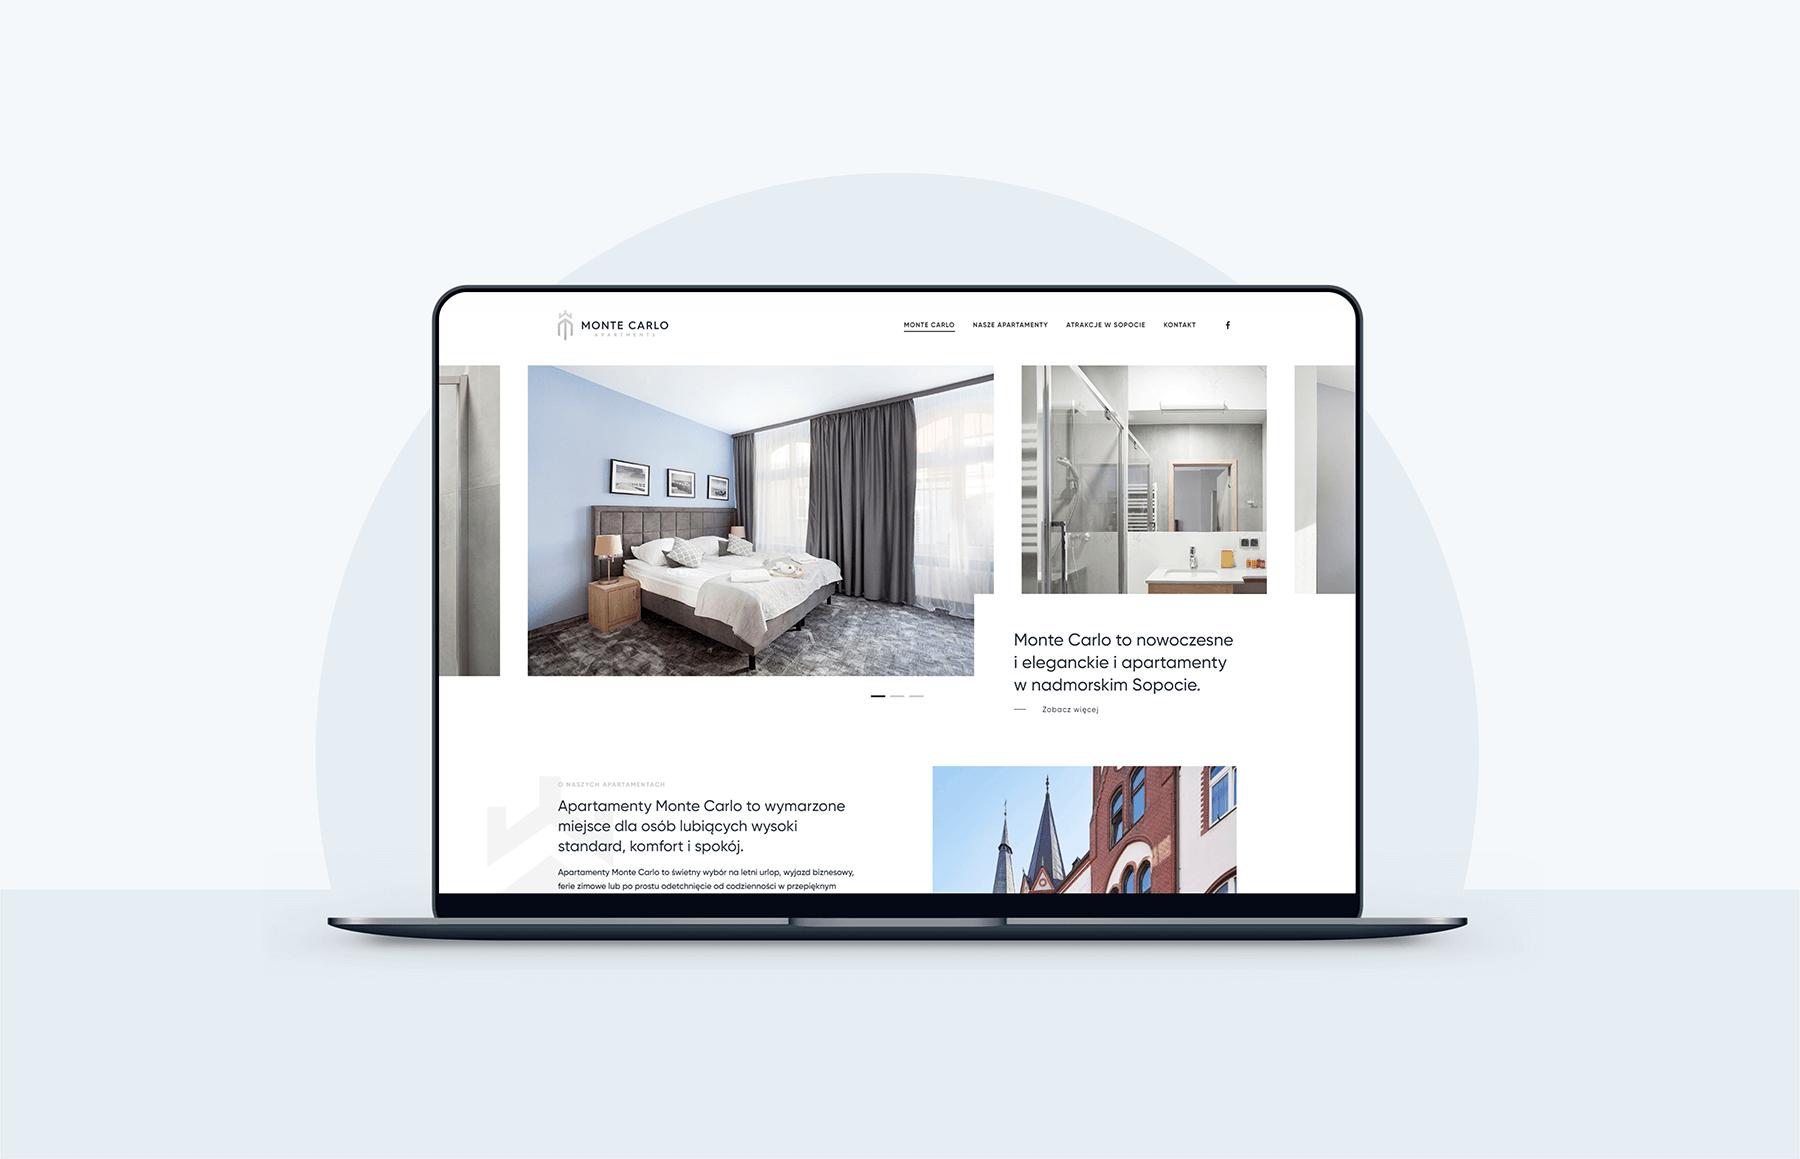 projekt strony internetowej dla apartamentów wsopocie